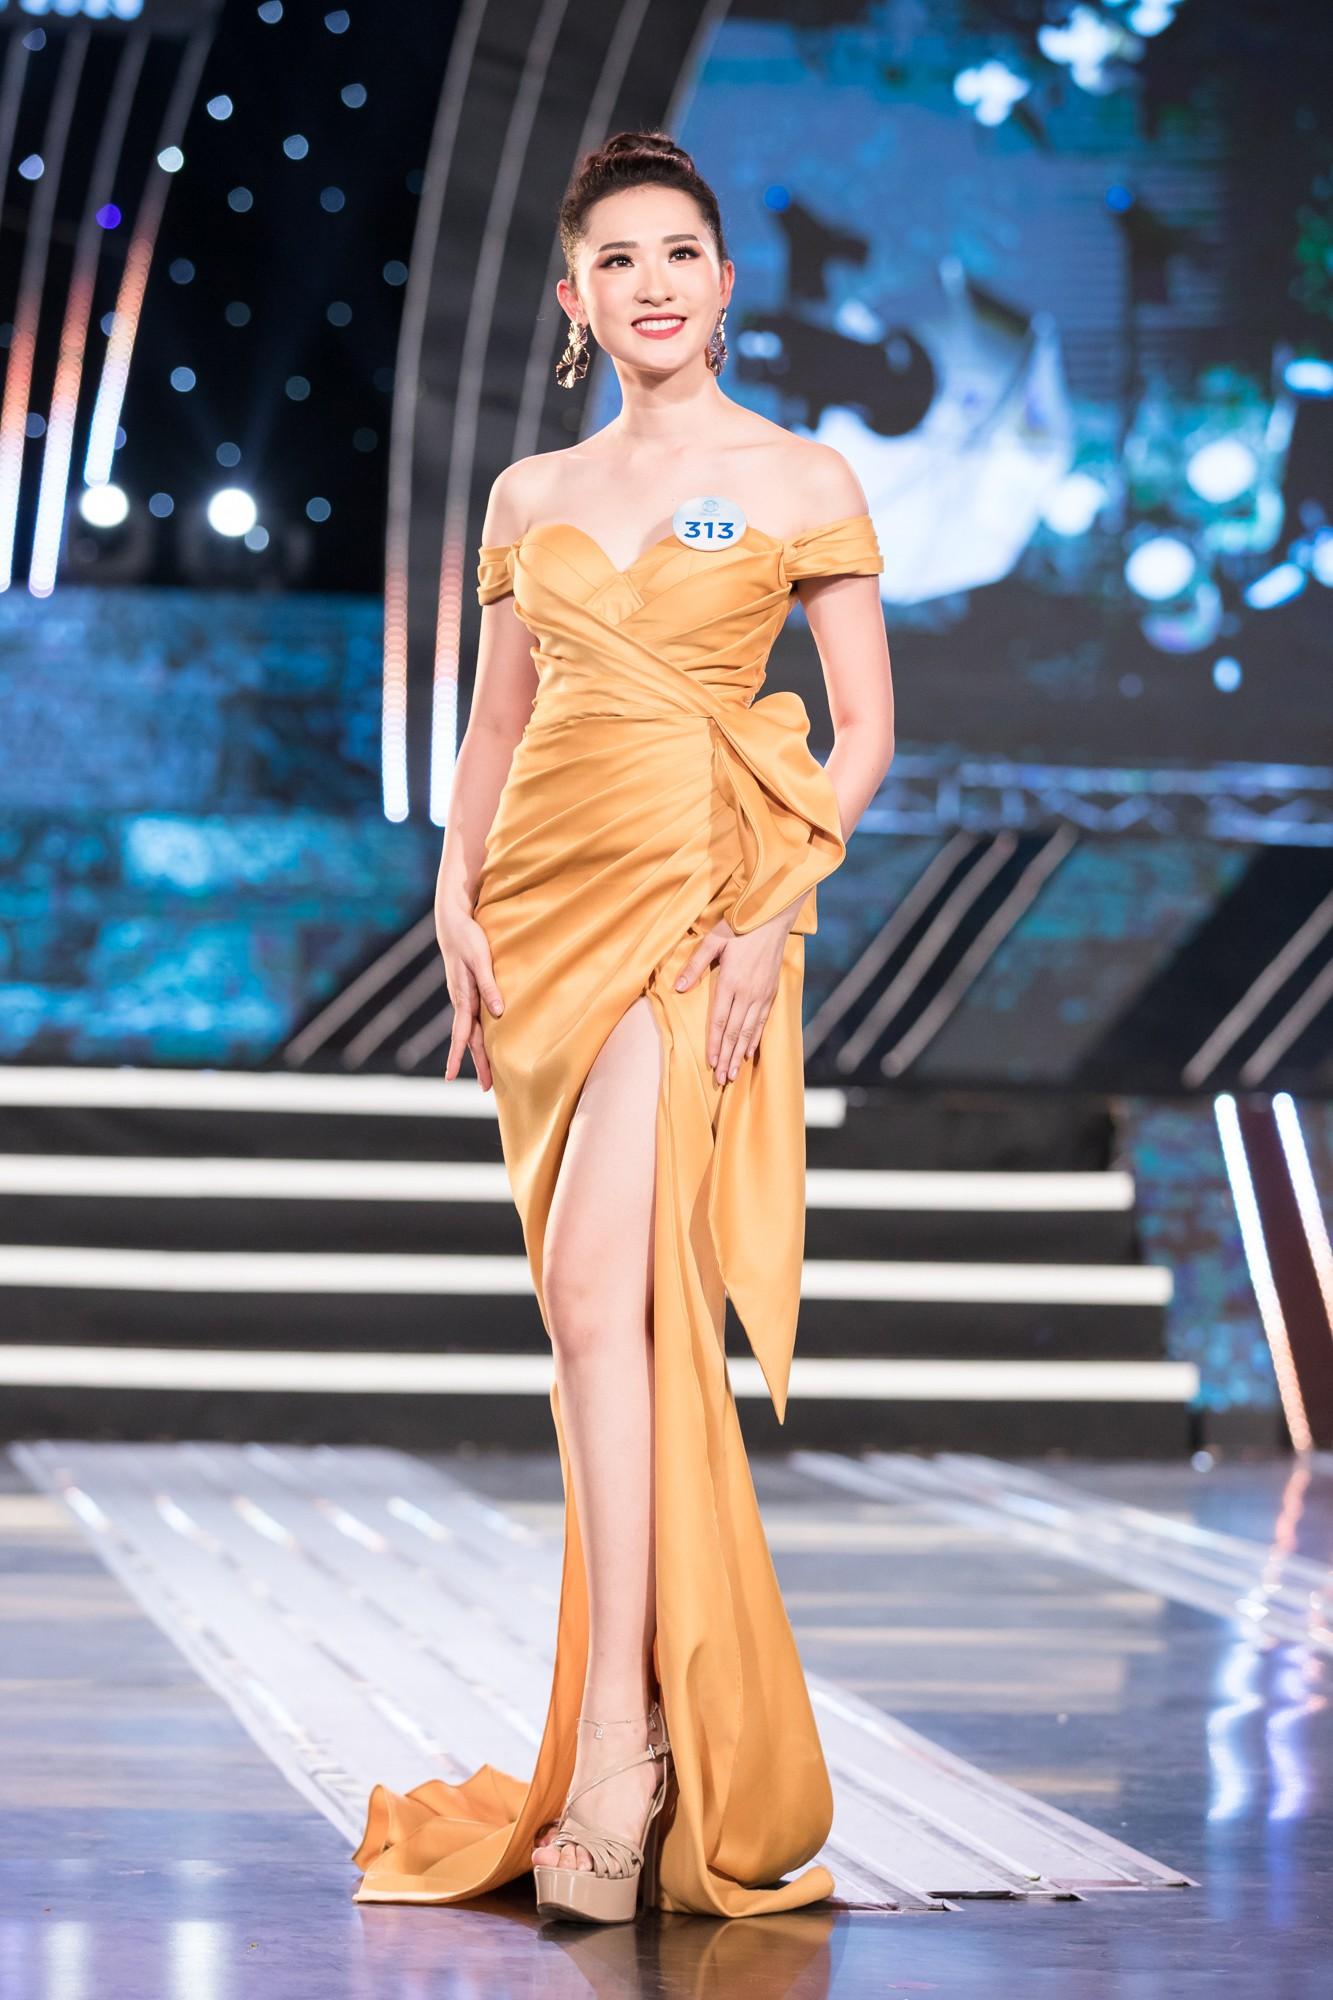 Soi nhan sắc 20 cô gái phía Bắc vừa lọt Chung kết Miss World VN: Thí sinh mặt đẹp nhất lại lộ vóc dáng đô con, thiếu đường cong-7